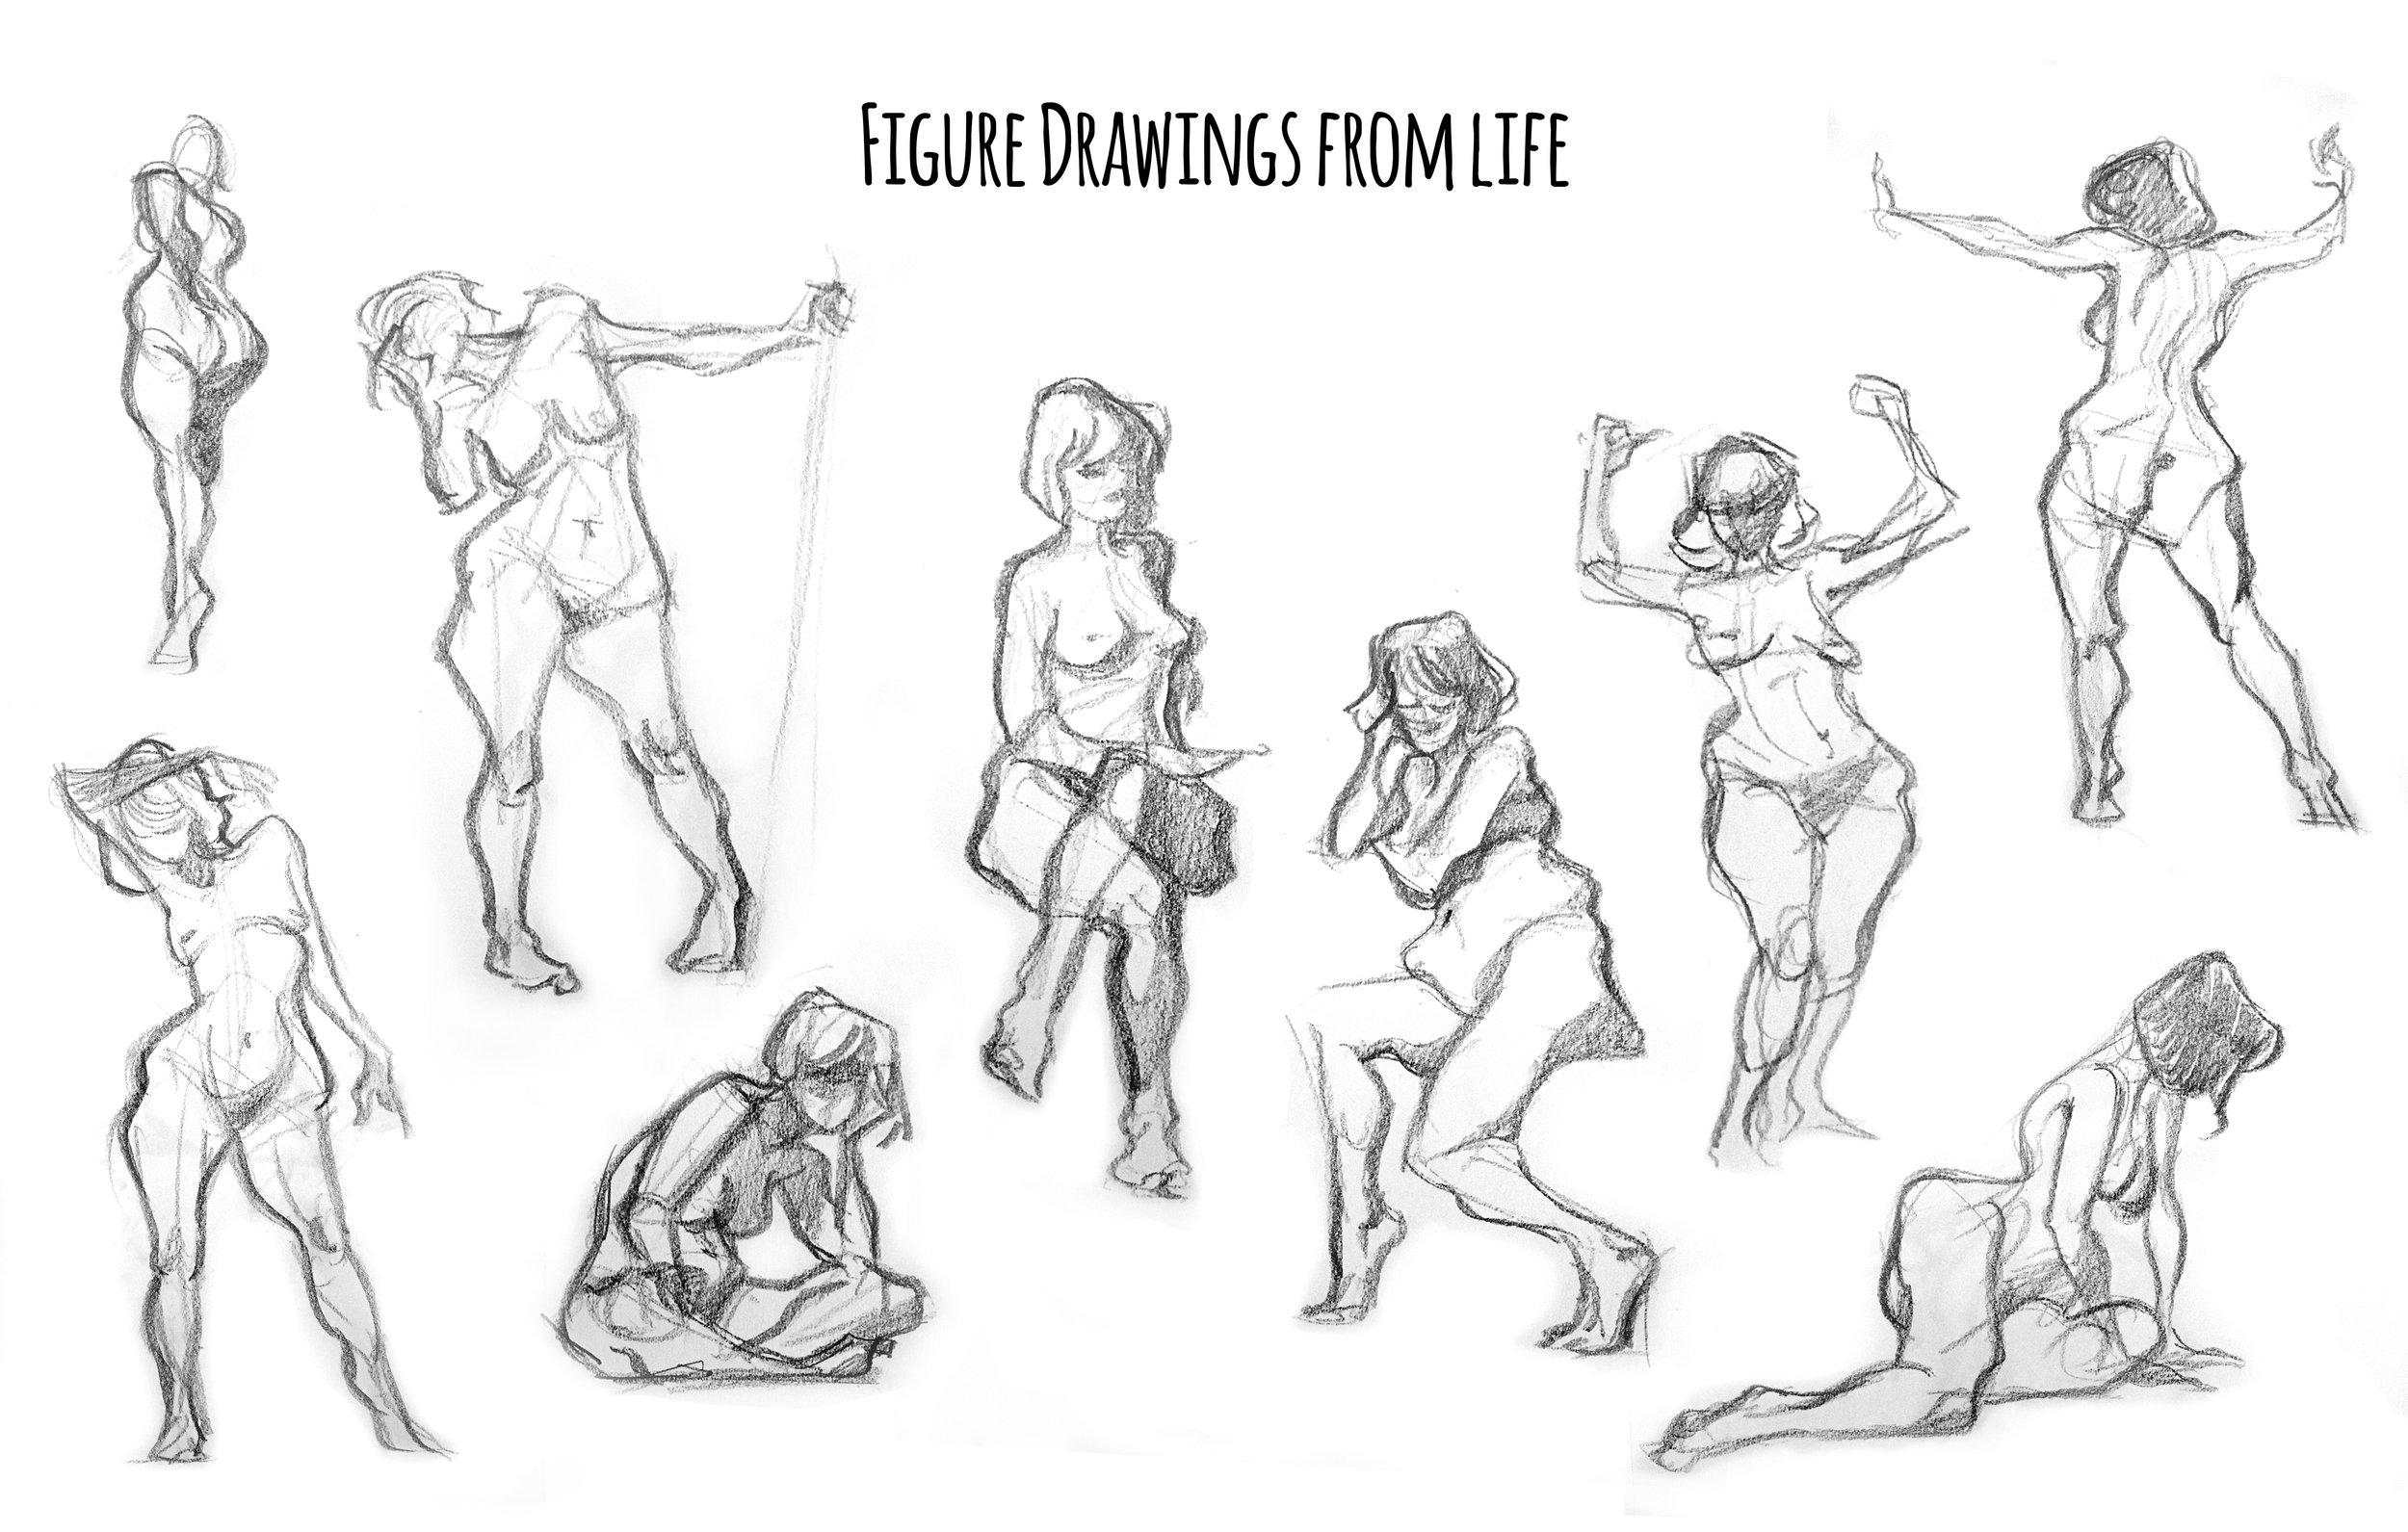 fig+draws.jpg